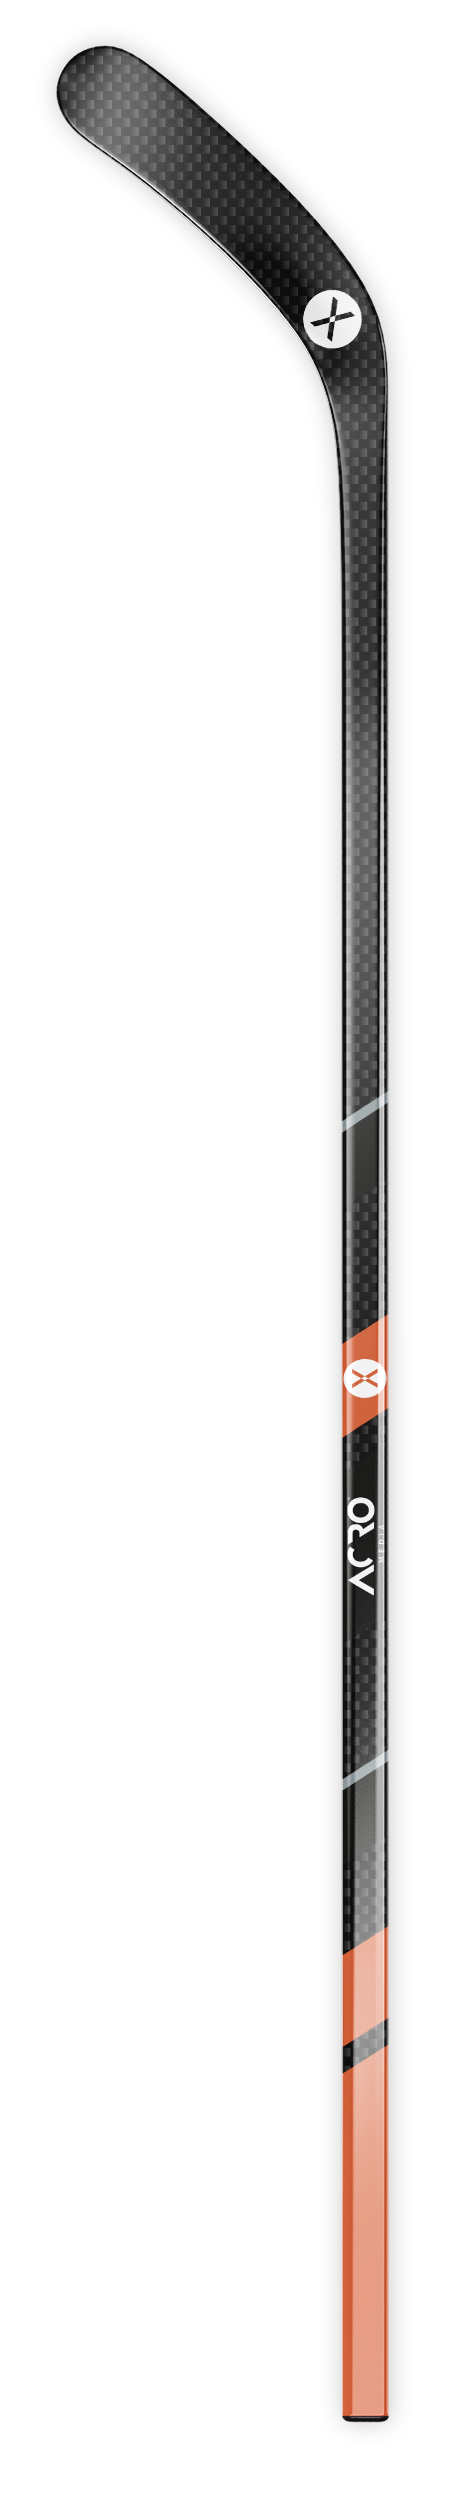 Acro_X-mobile